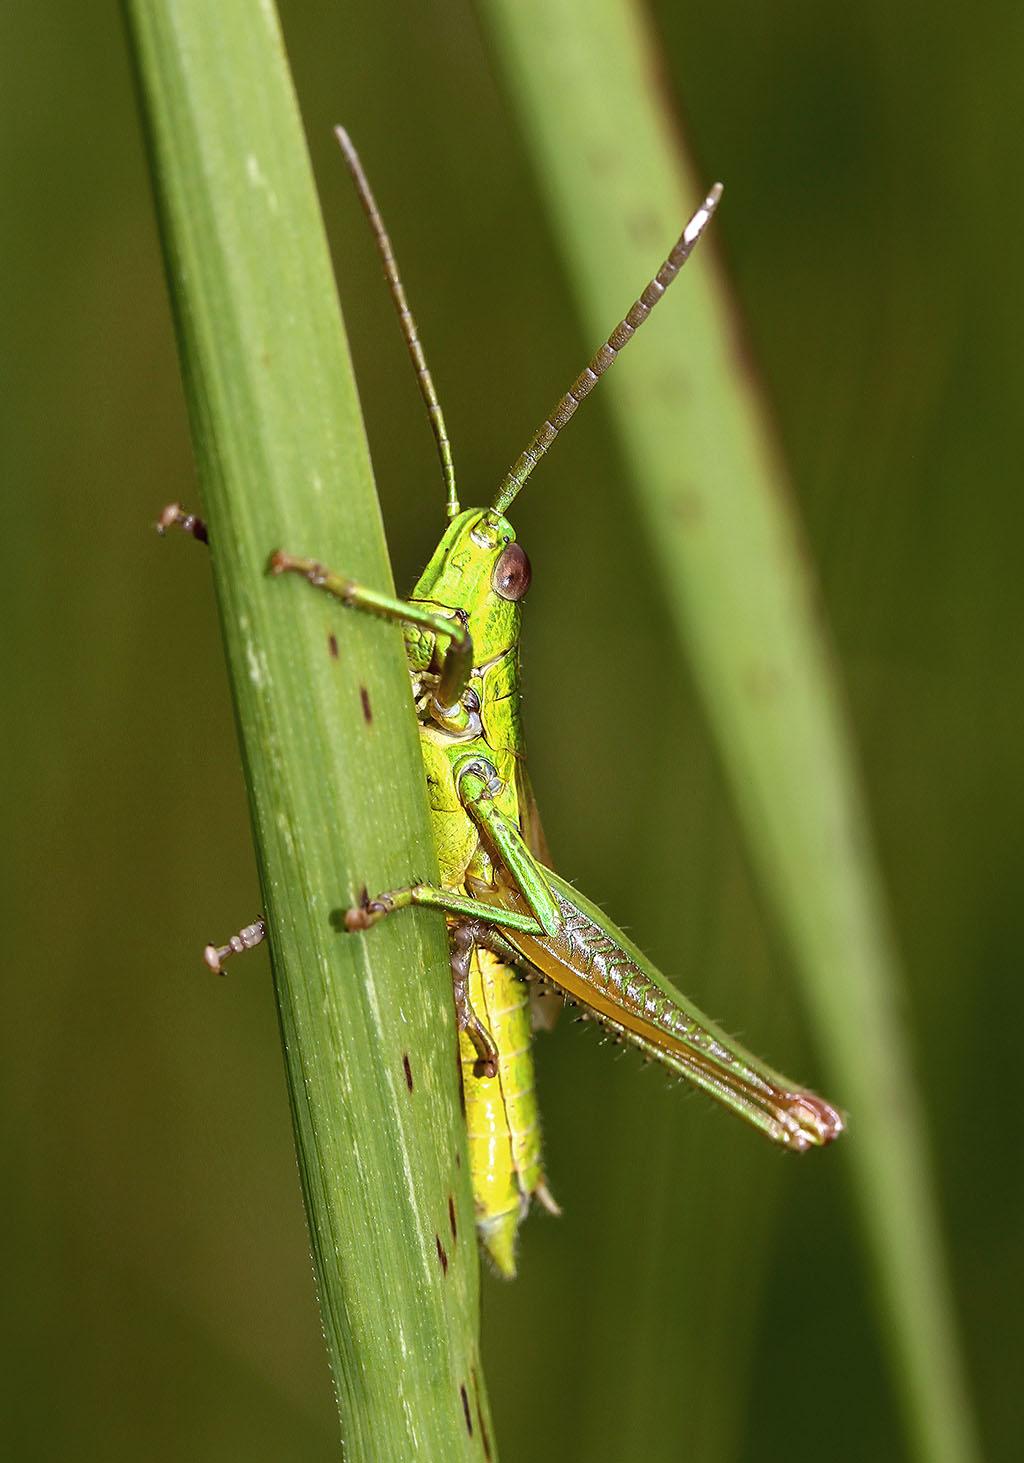 Euthystira brachyptera - Kleine Goldschrecke - UFam. Gomphocerinae - Acrididae - Feldheuschrecken - grasshoppers